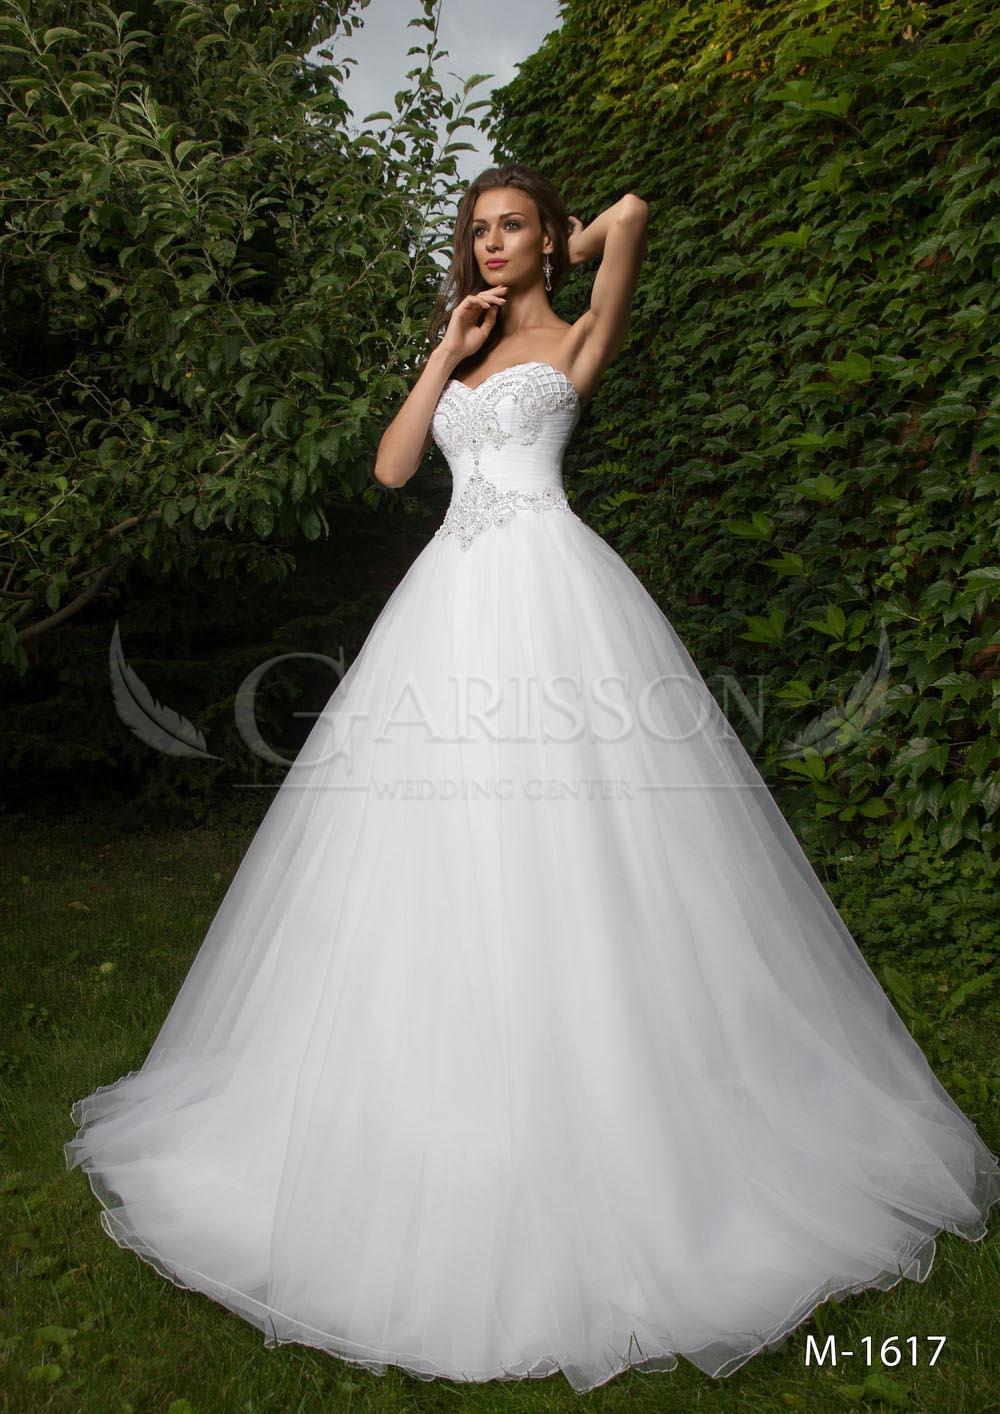 064fb52908e4 Svadobné šaty M1617 - Garisson